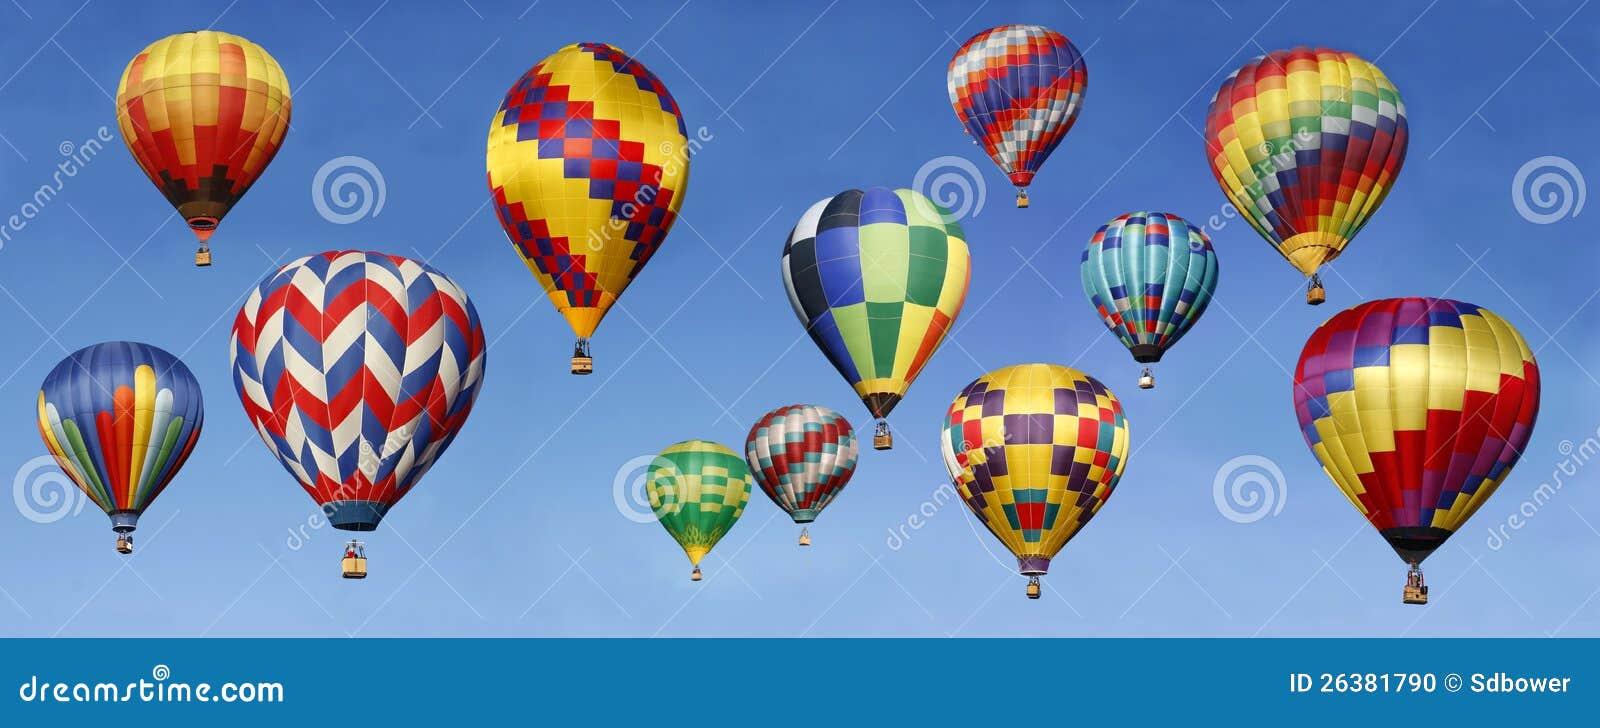 Panorama de los globos del aire caliente